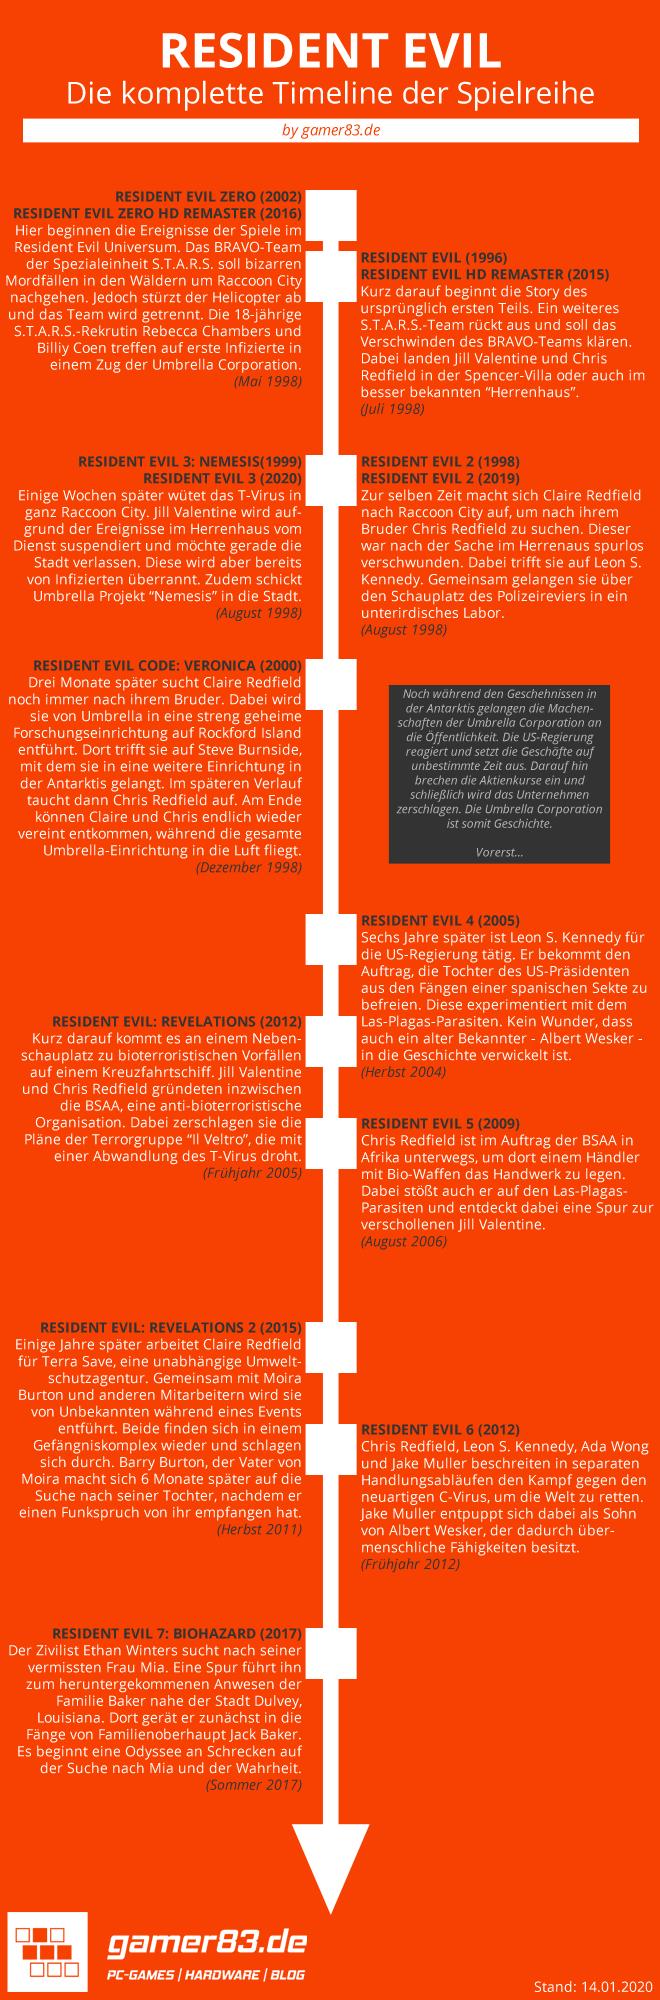 Resident Evil Timeline Infografik